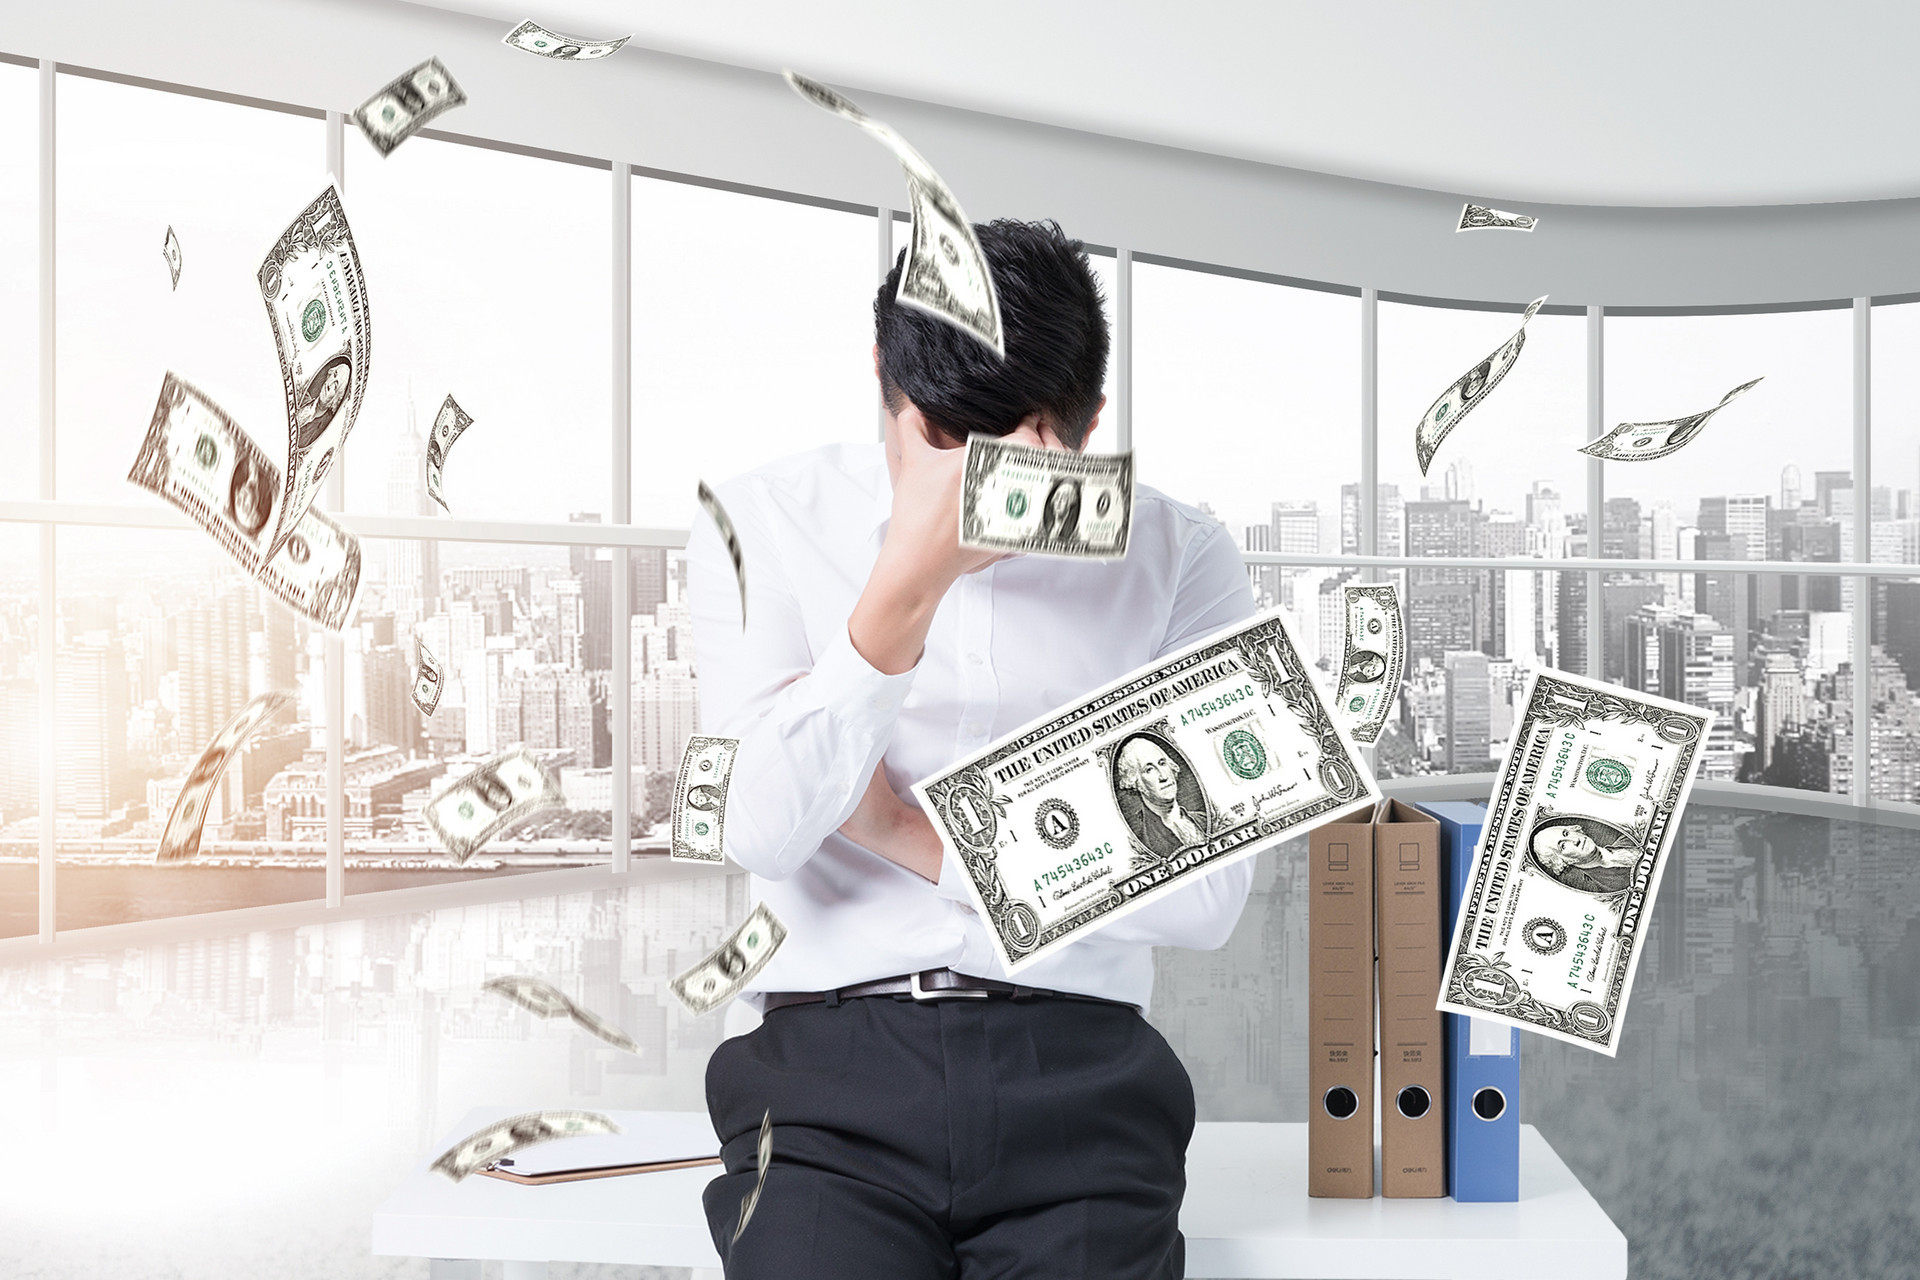 出海现金贷平台惊魂:印度Yes Bank被接管   海外淘金需练好基本功